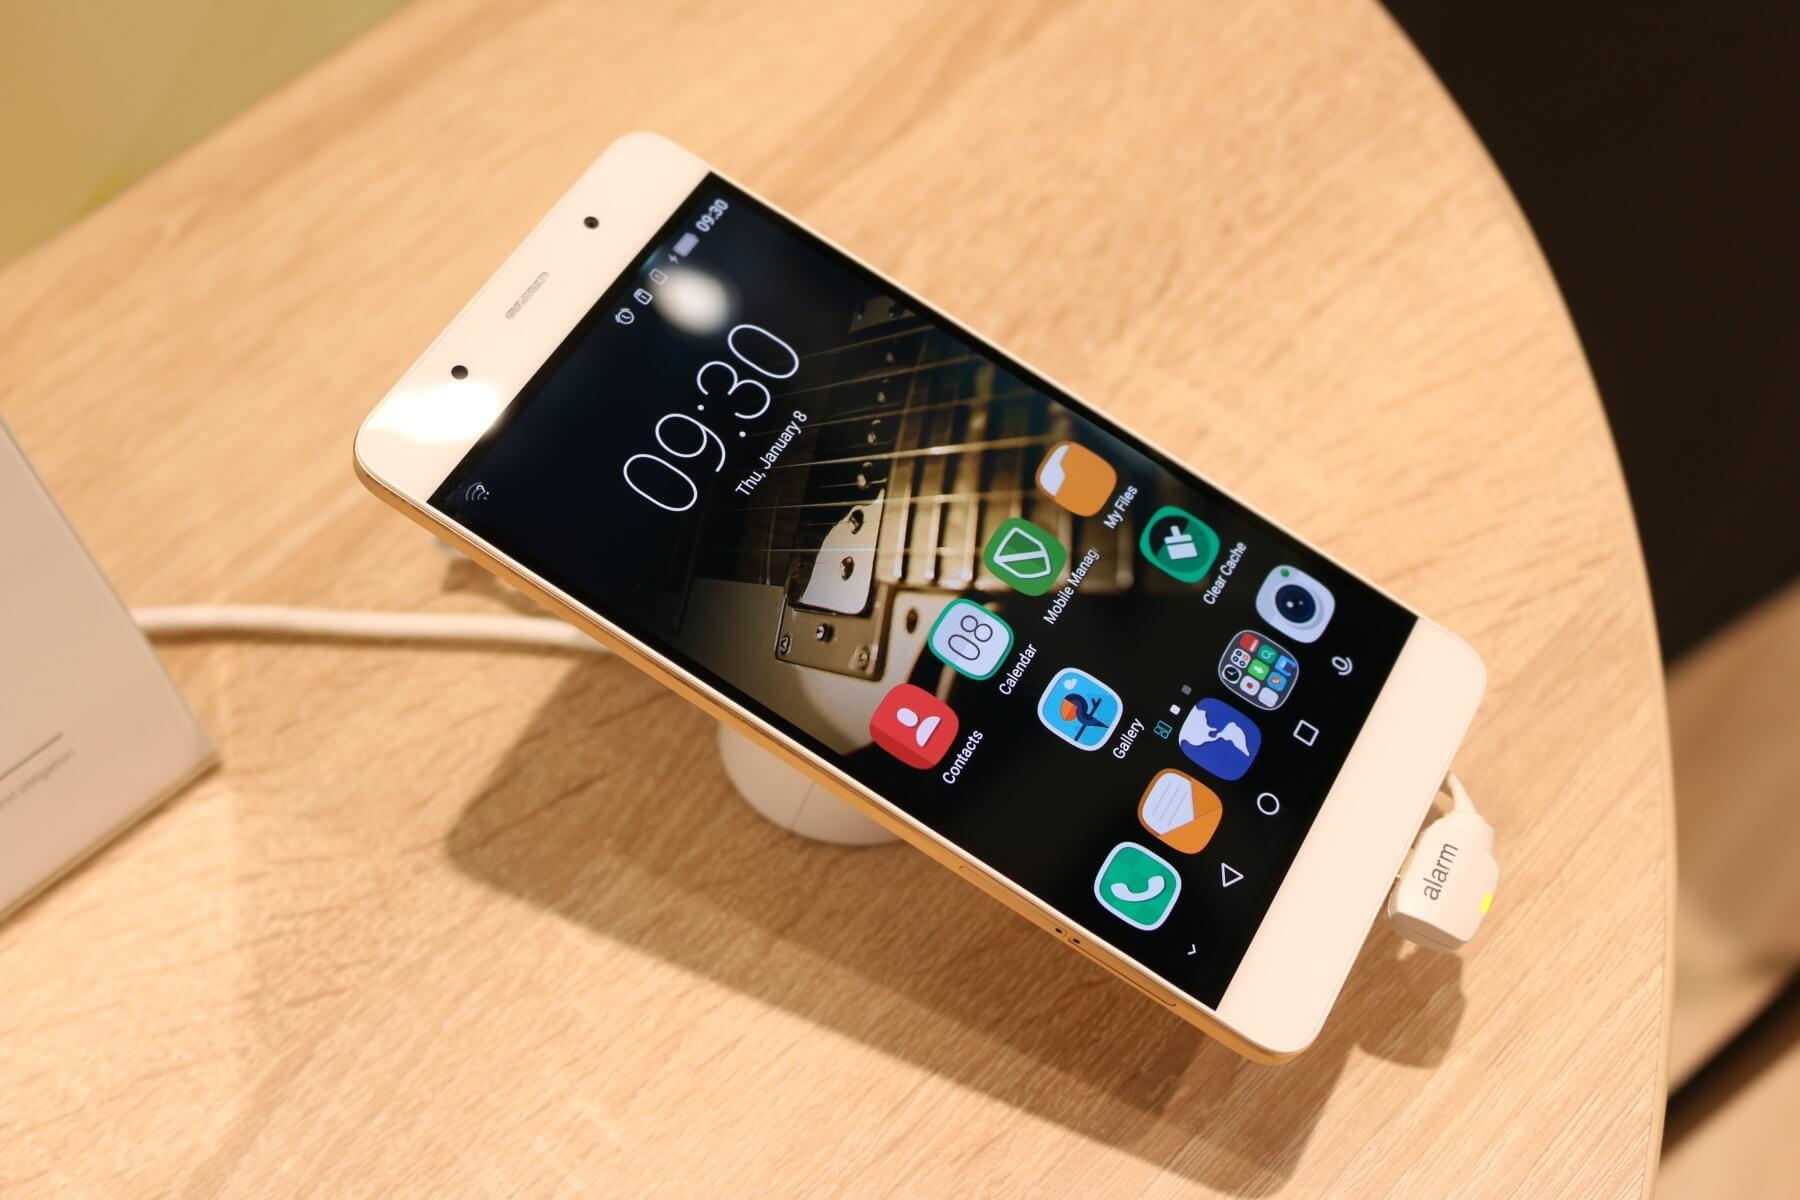 Le novit di hisense al mwc 2016 iphone italia for Prezzo alluminio usato al kg 2016